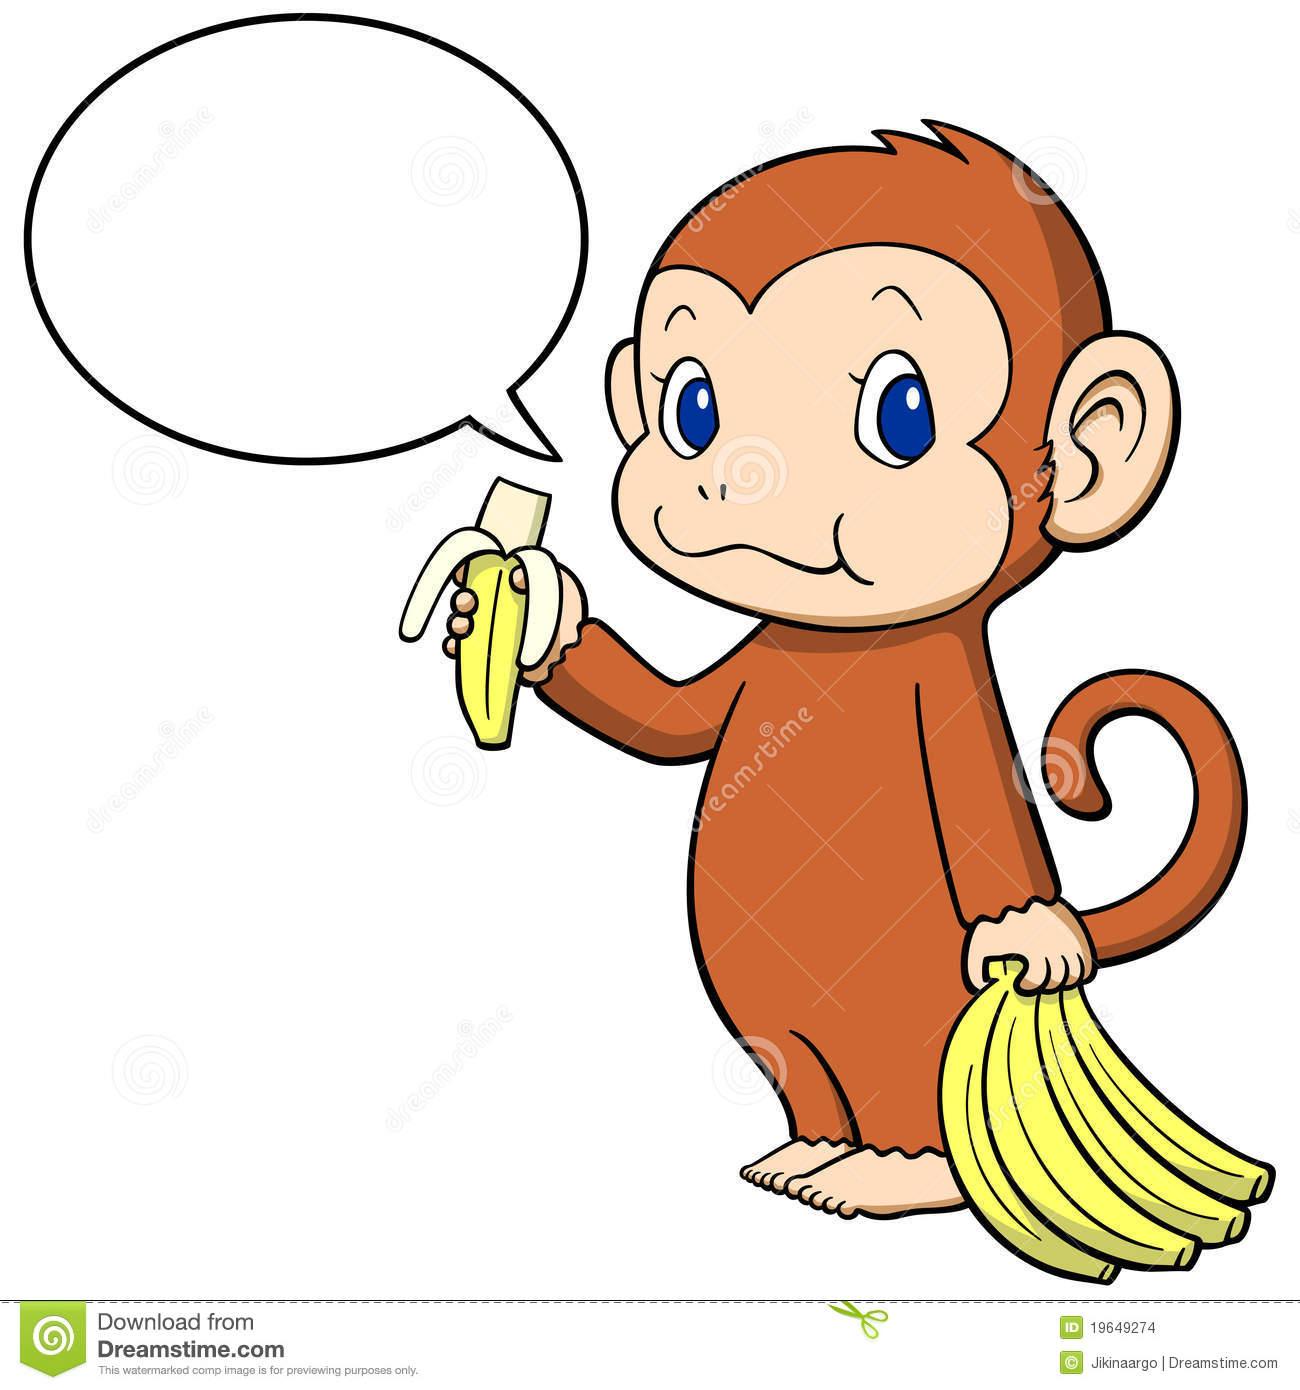 Monkey banana clipart 6 » Clipart Station.